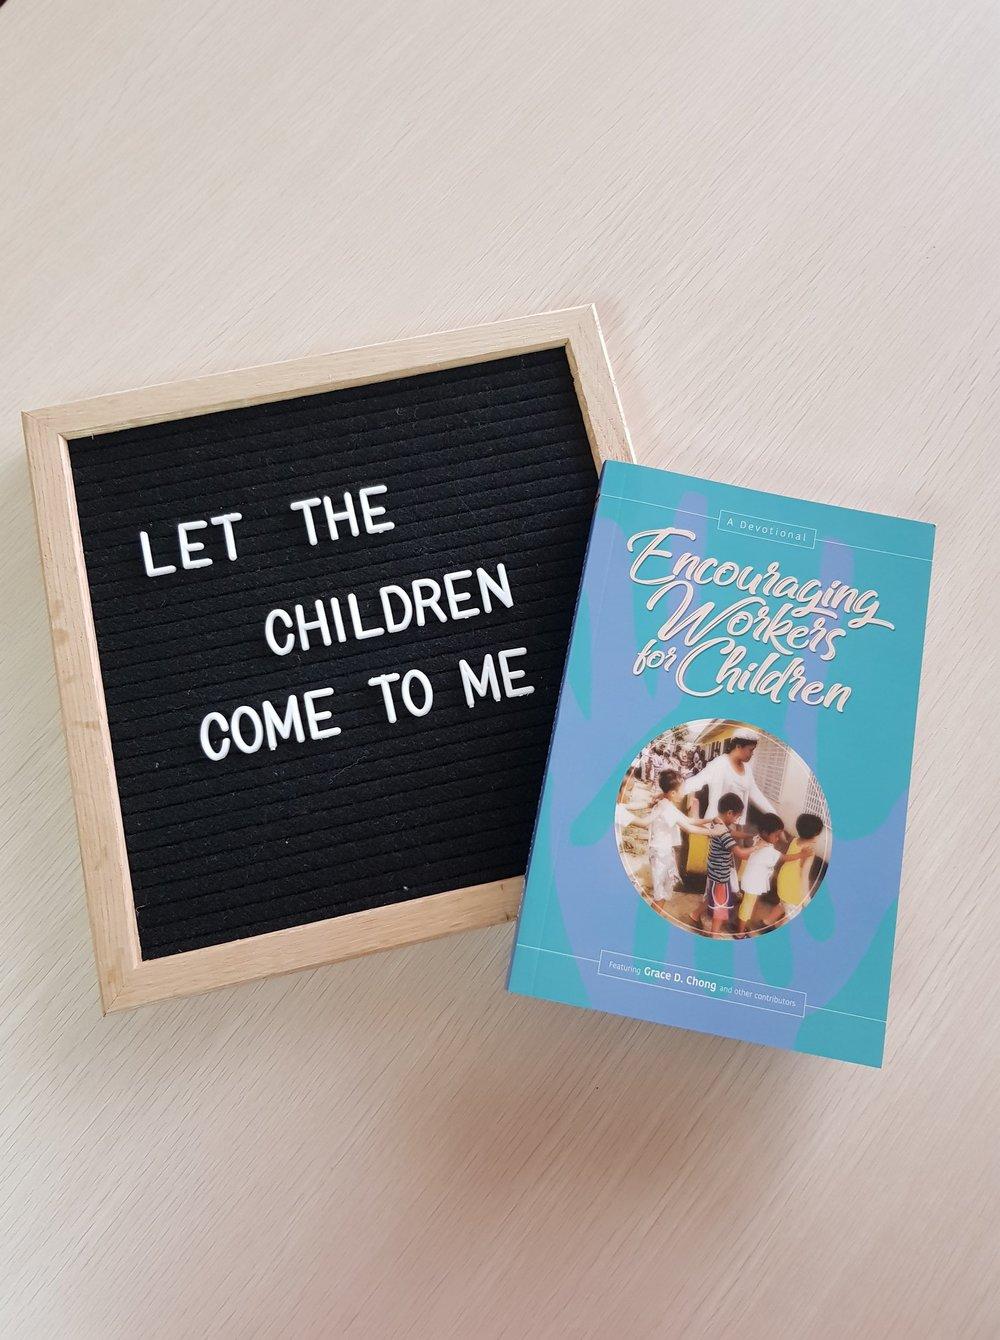 Encouraging Workers for Children.jpg